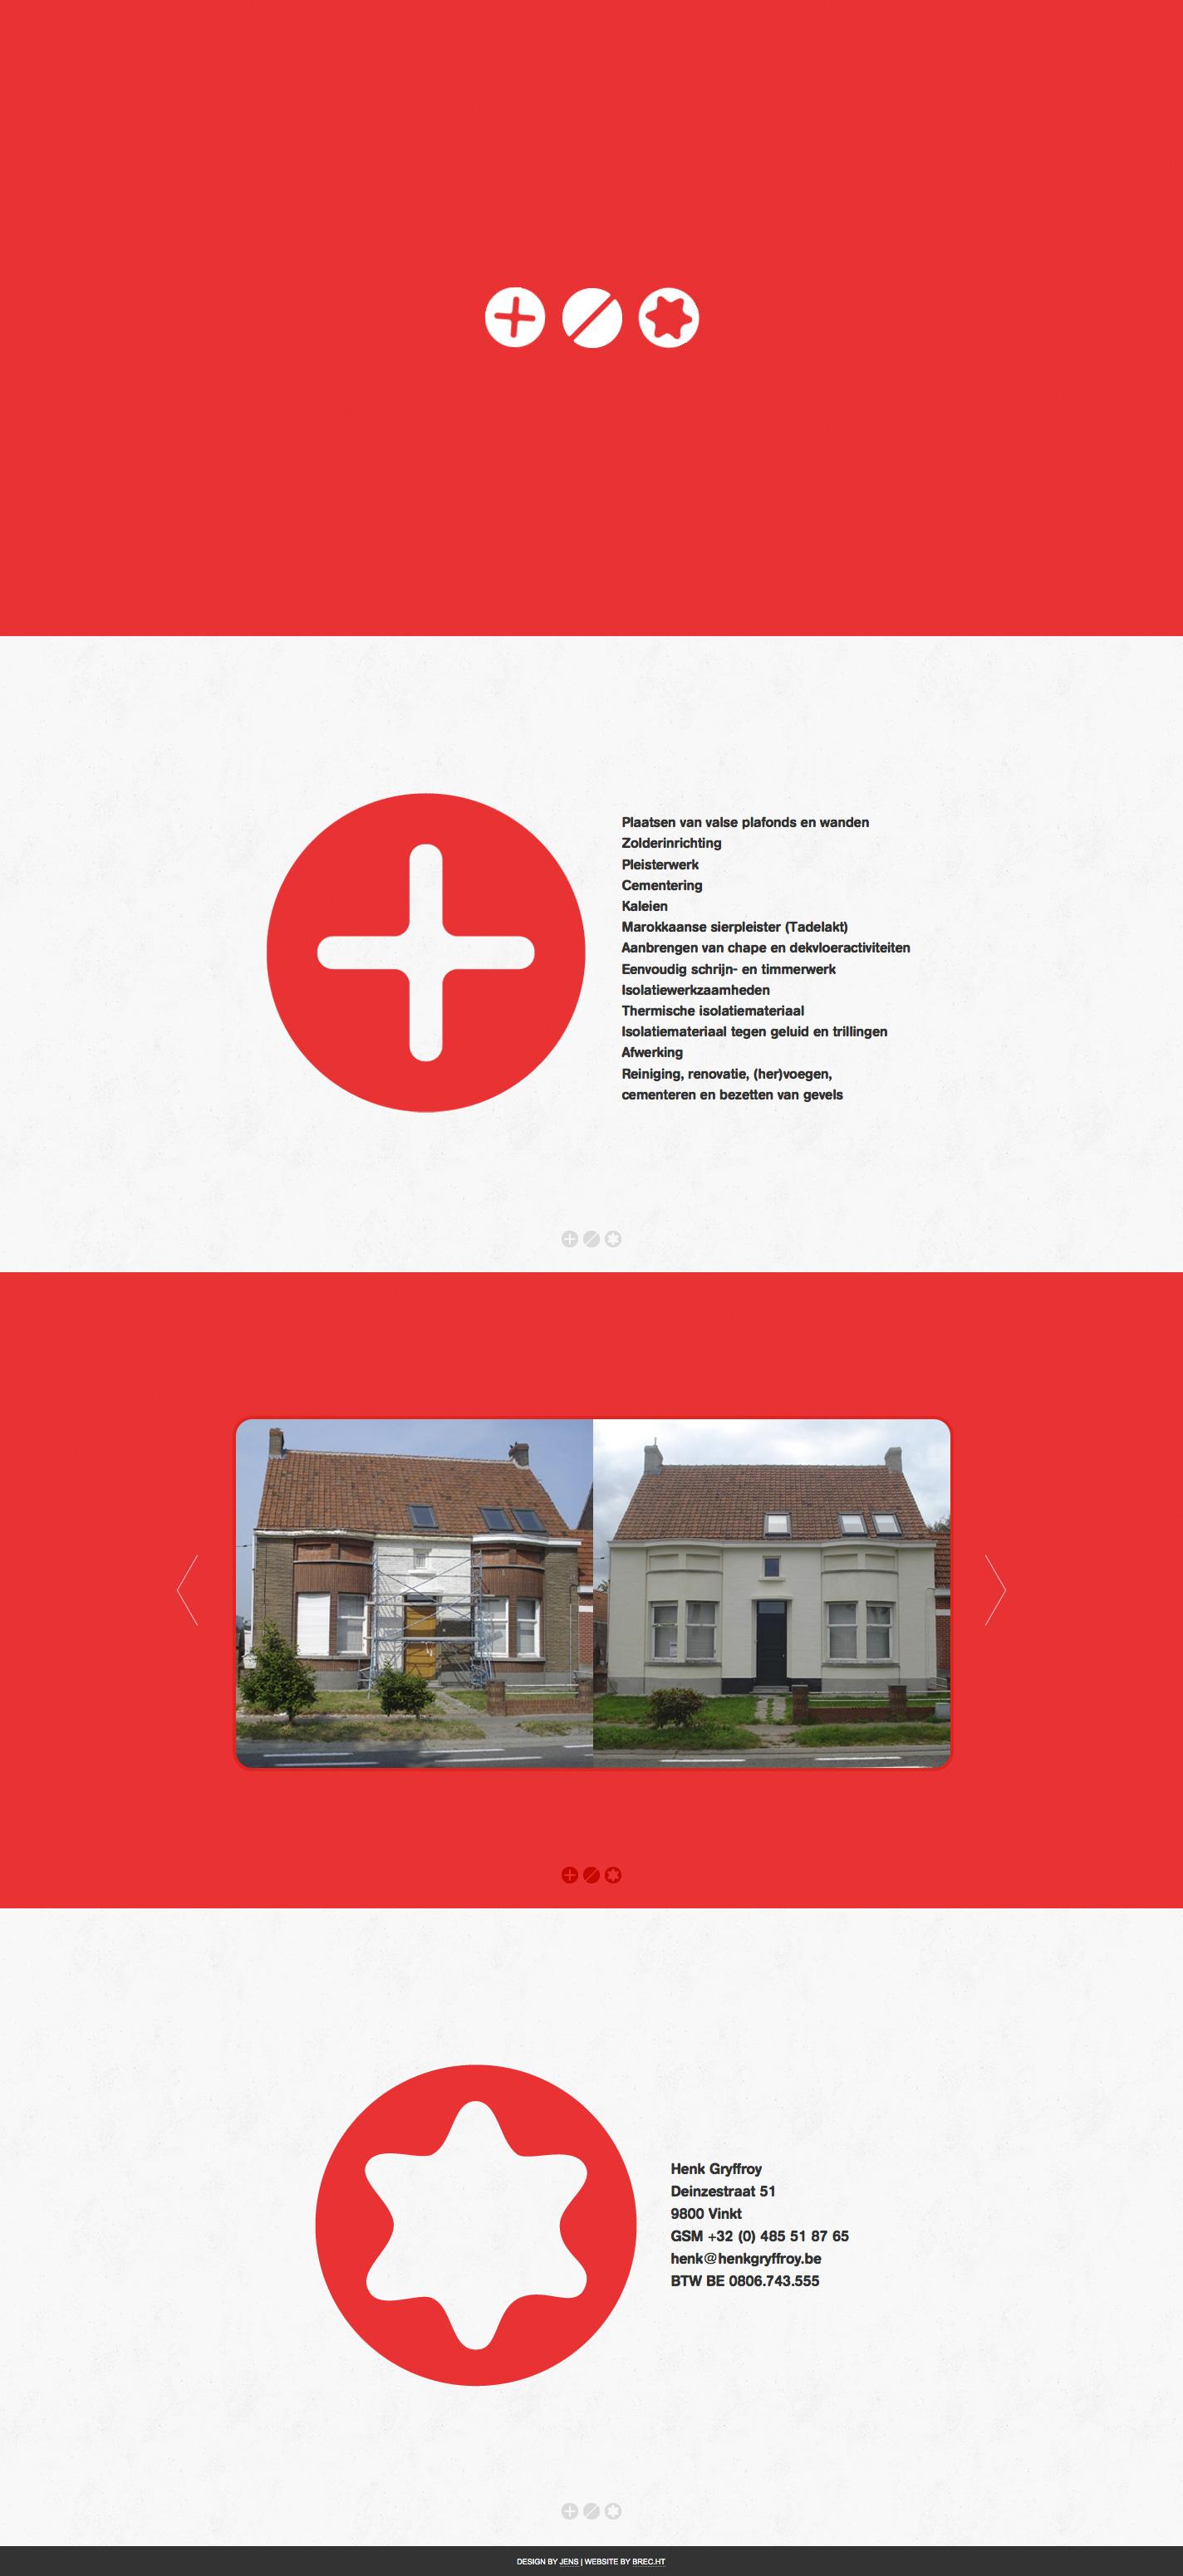 Henk Gryffroy Website Screenshot